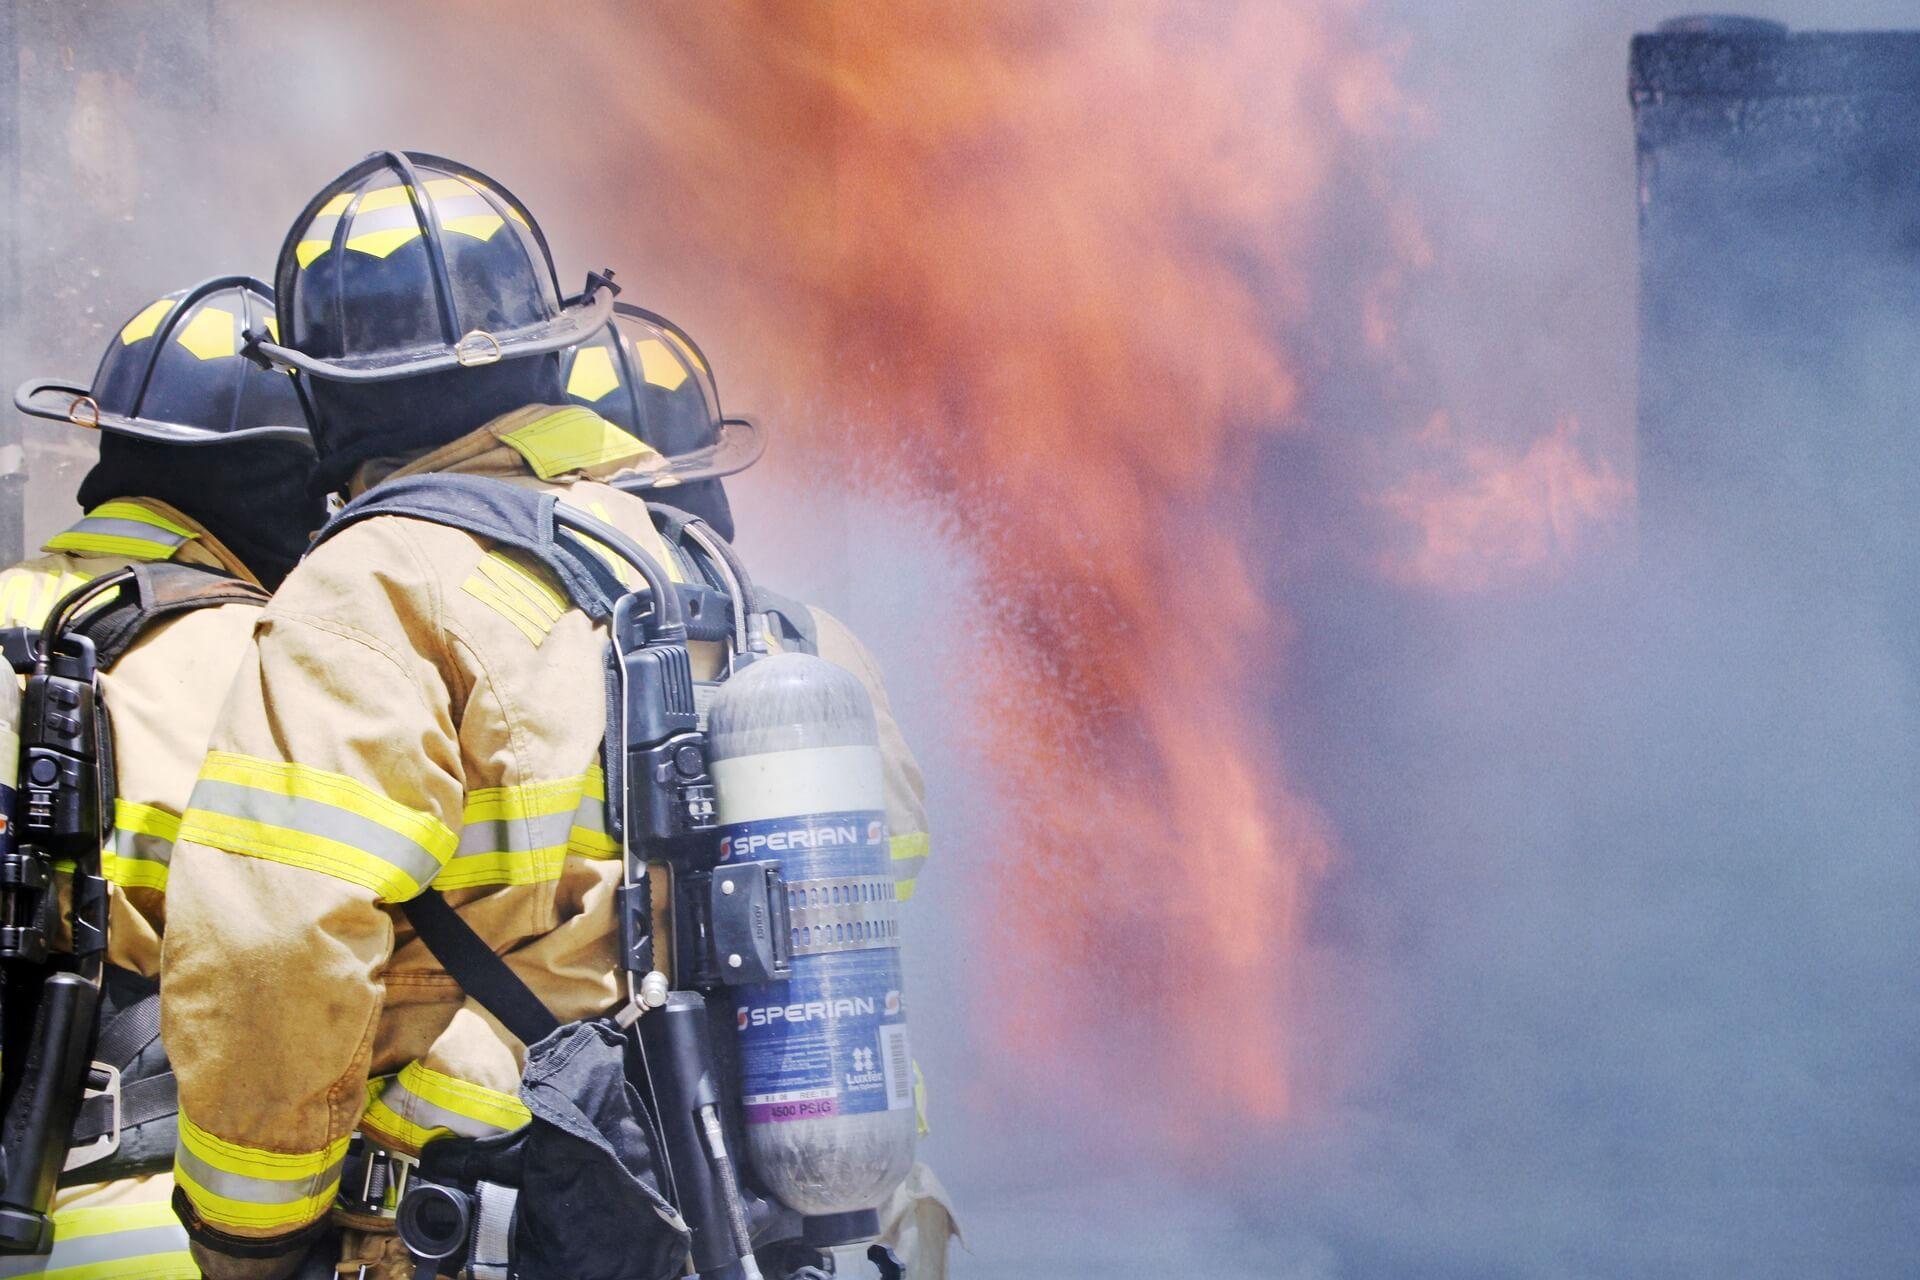 Gori zgrada u Trnskom: Vatrogasci spasili čovjeka, na teren izašlo osam vatrogasnih vozila